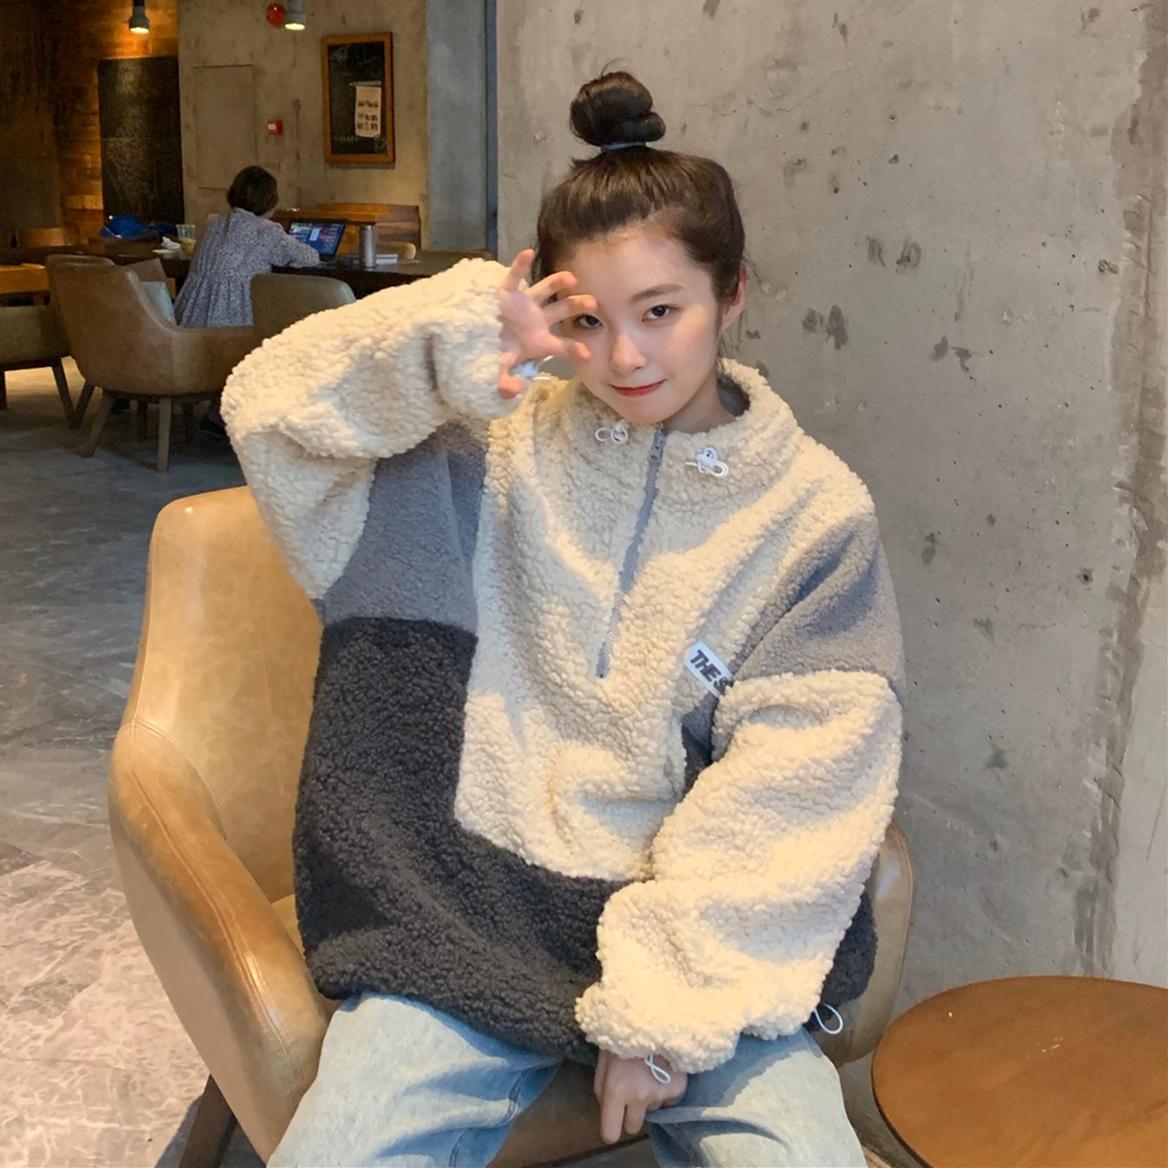 實拍實價 拼色仿羊羔毛絨衛衣女上衣秋冬季韓版ins潮寬松加厚